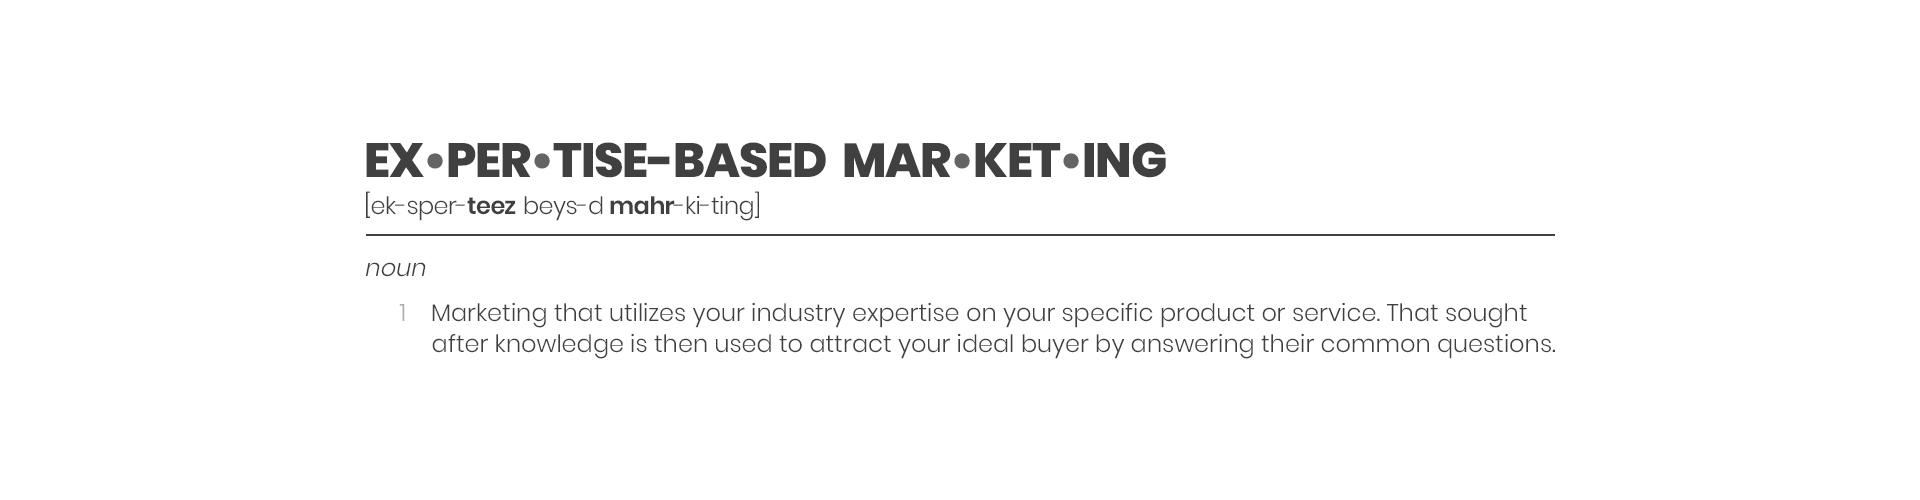 Expertise-based Marketing Definition